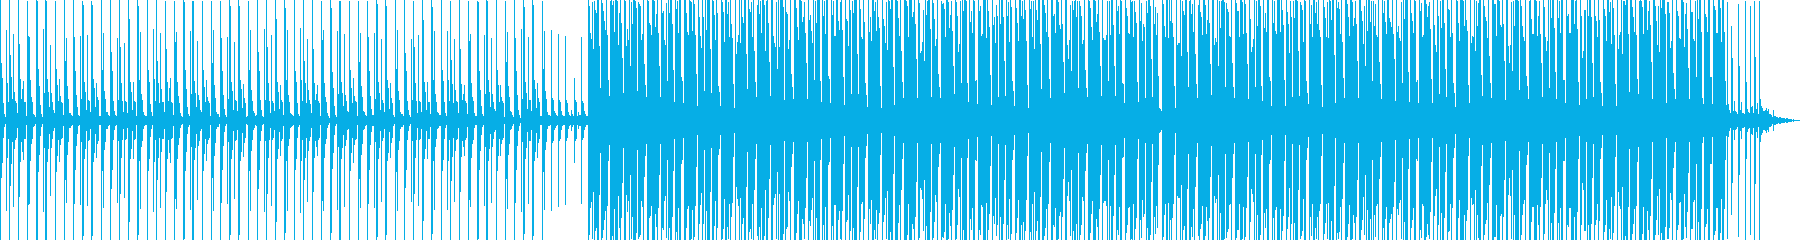 明るいハウスミュージックの再生済みの波形